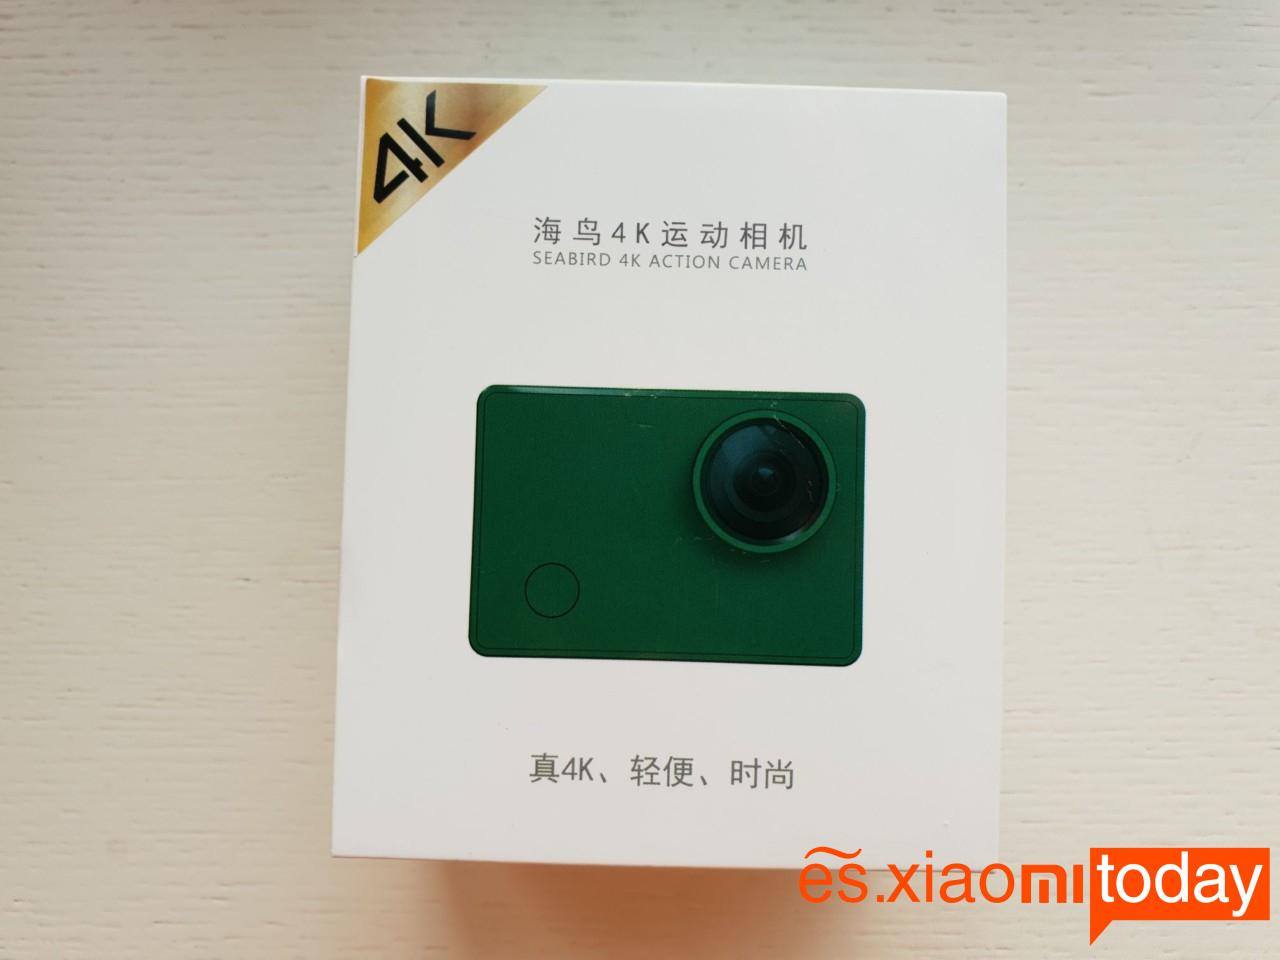 Xiaomi Seabird 4K Action Camera Análisis: Contenido del paquete